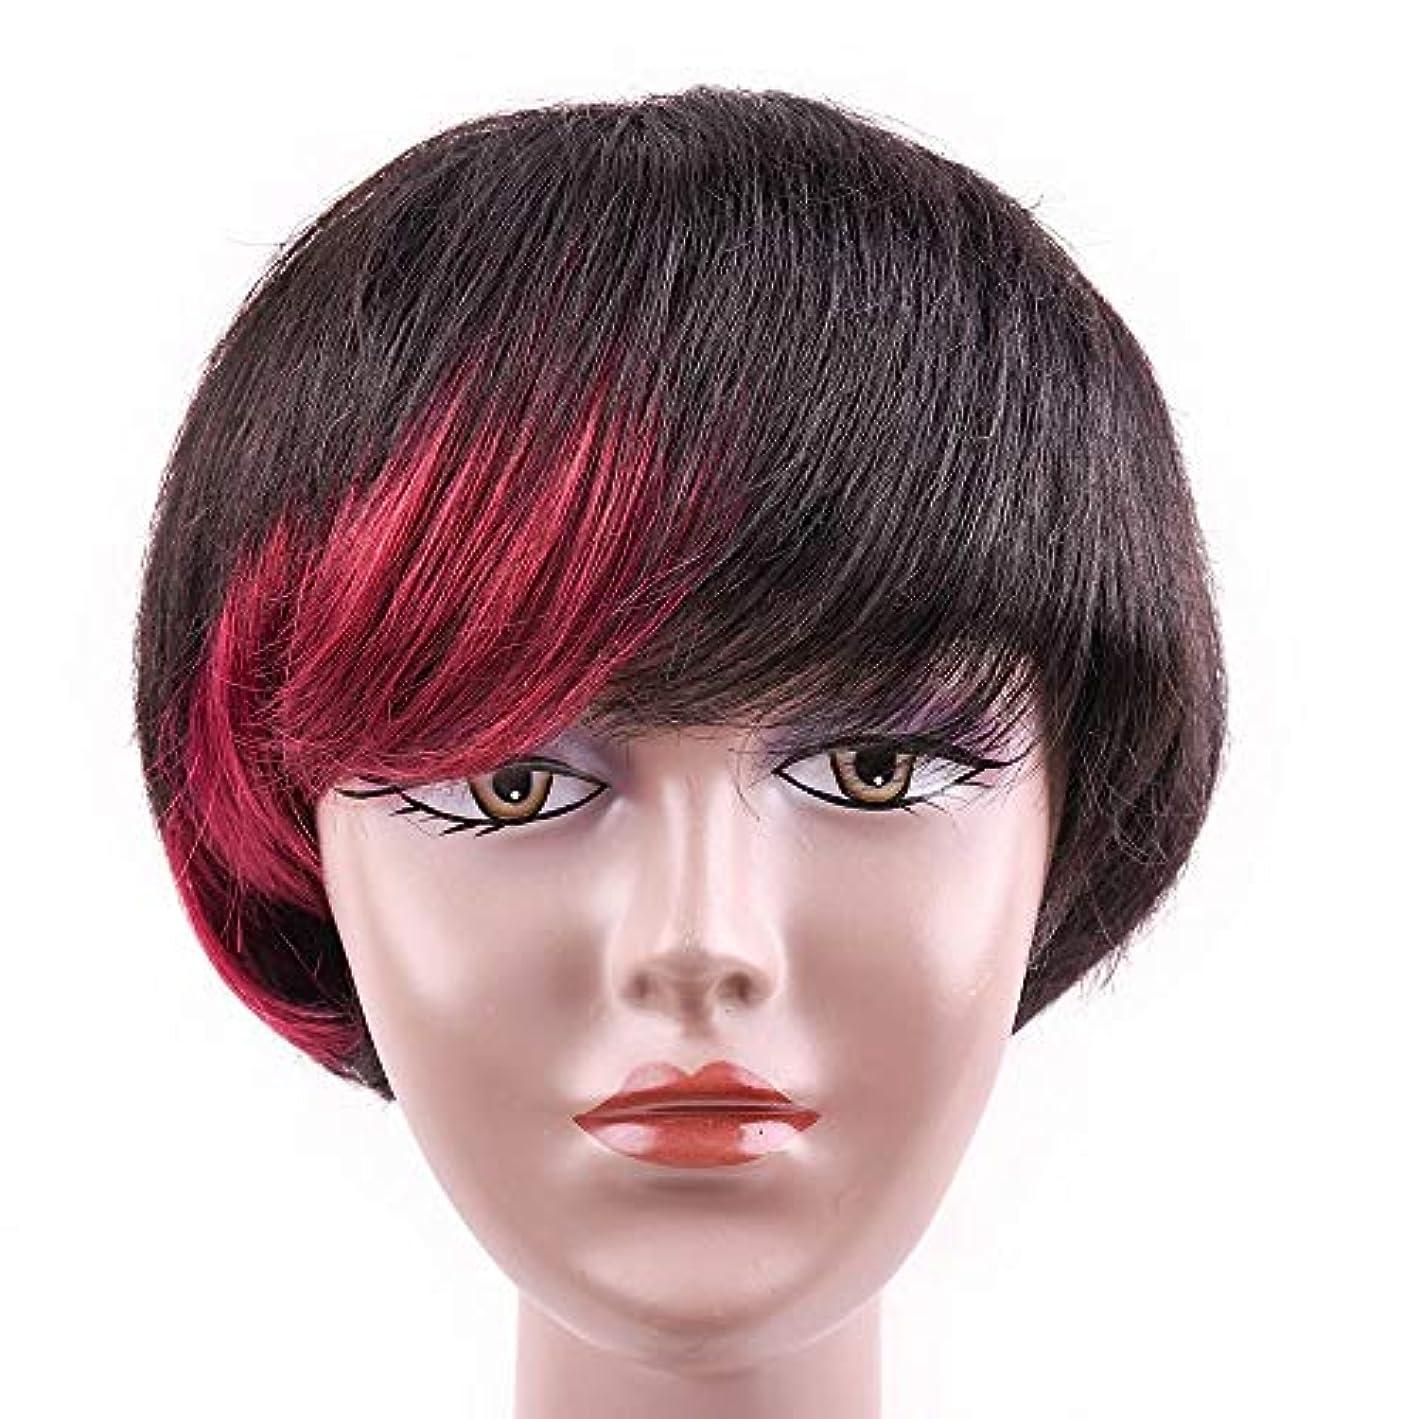 聖歌処方使用法YOUQIU 女性6インチブラックレッドカラーのウィッグを強調するために、100%人毛ショートボブウィッグ (色 : 黒, サイズ : 6 inch)